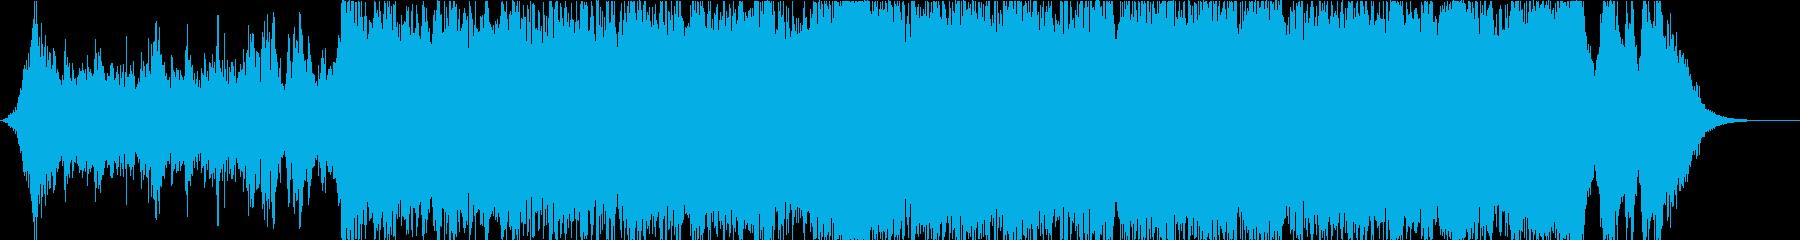 壮大なトレイラーミュージックの再生済みの波形